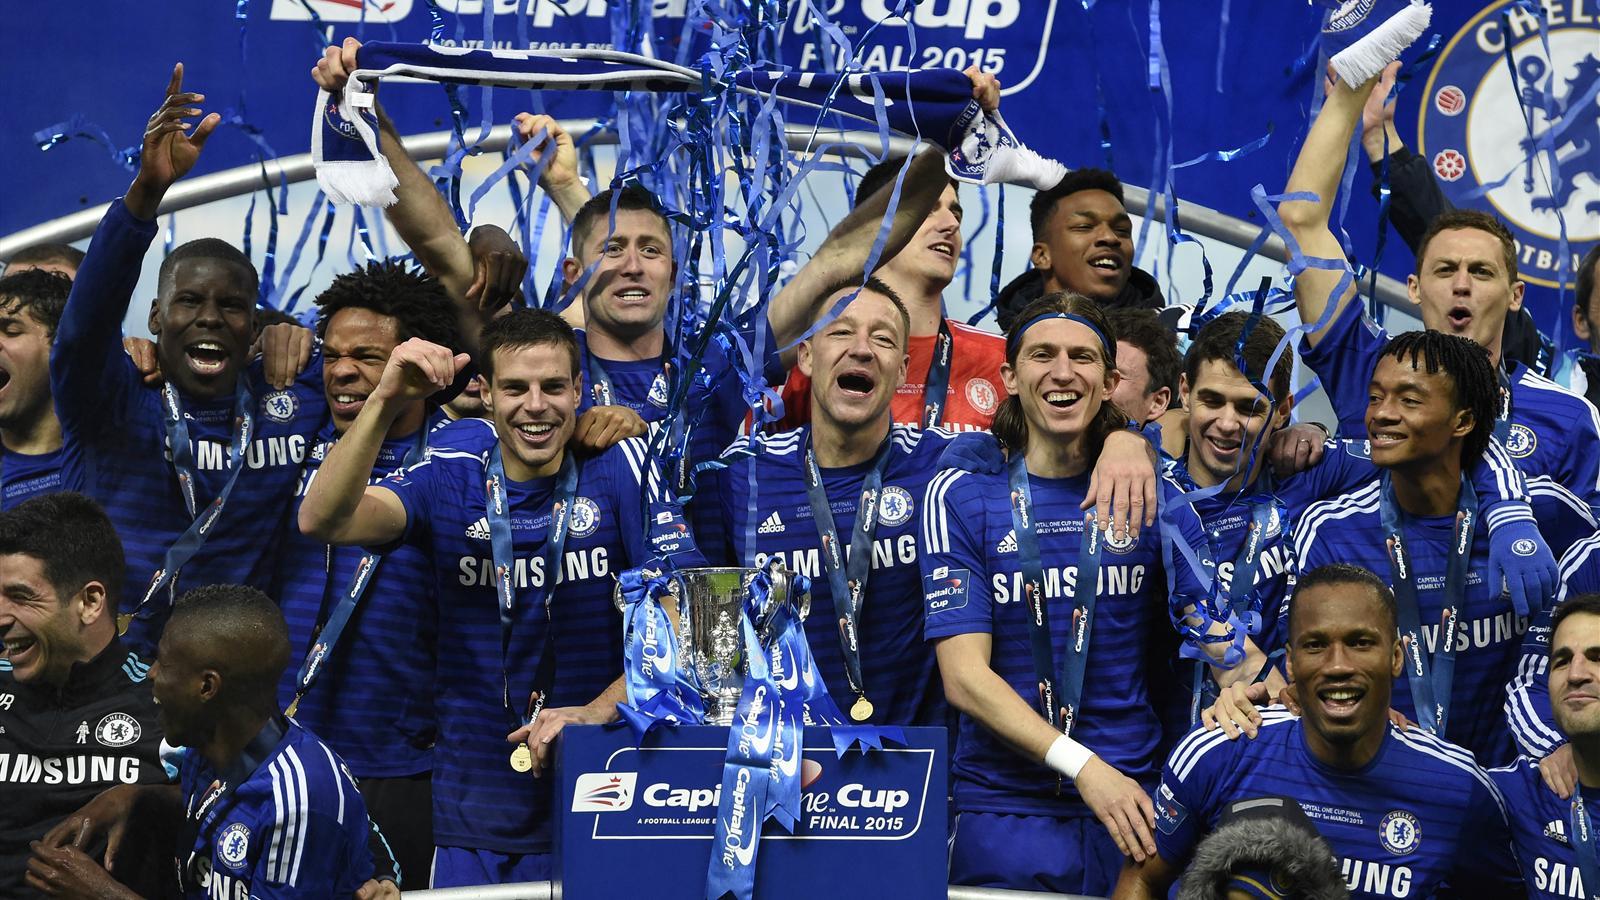 God save Premier League: The End